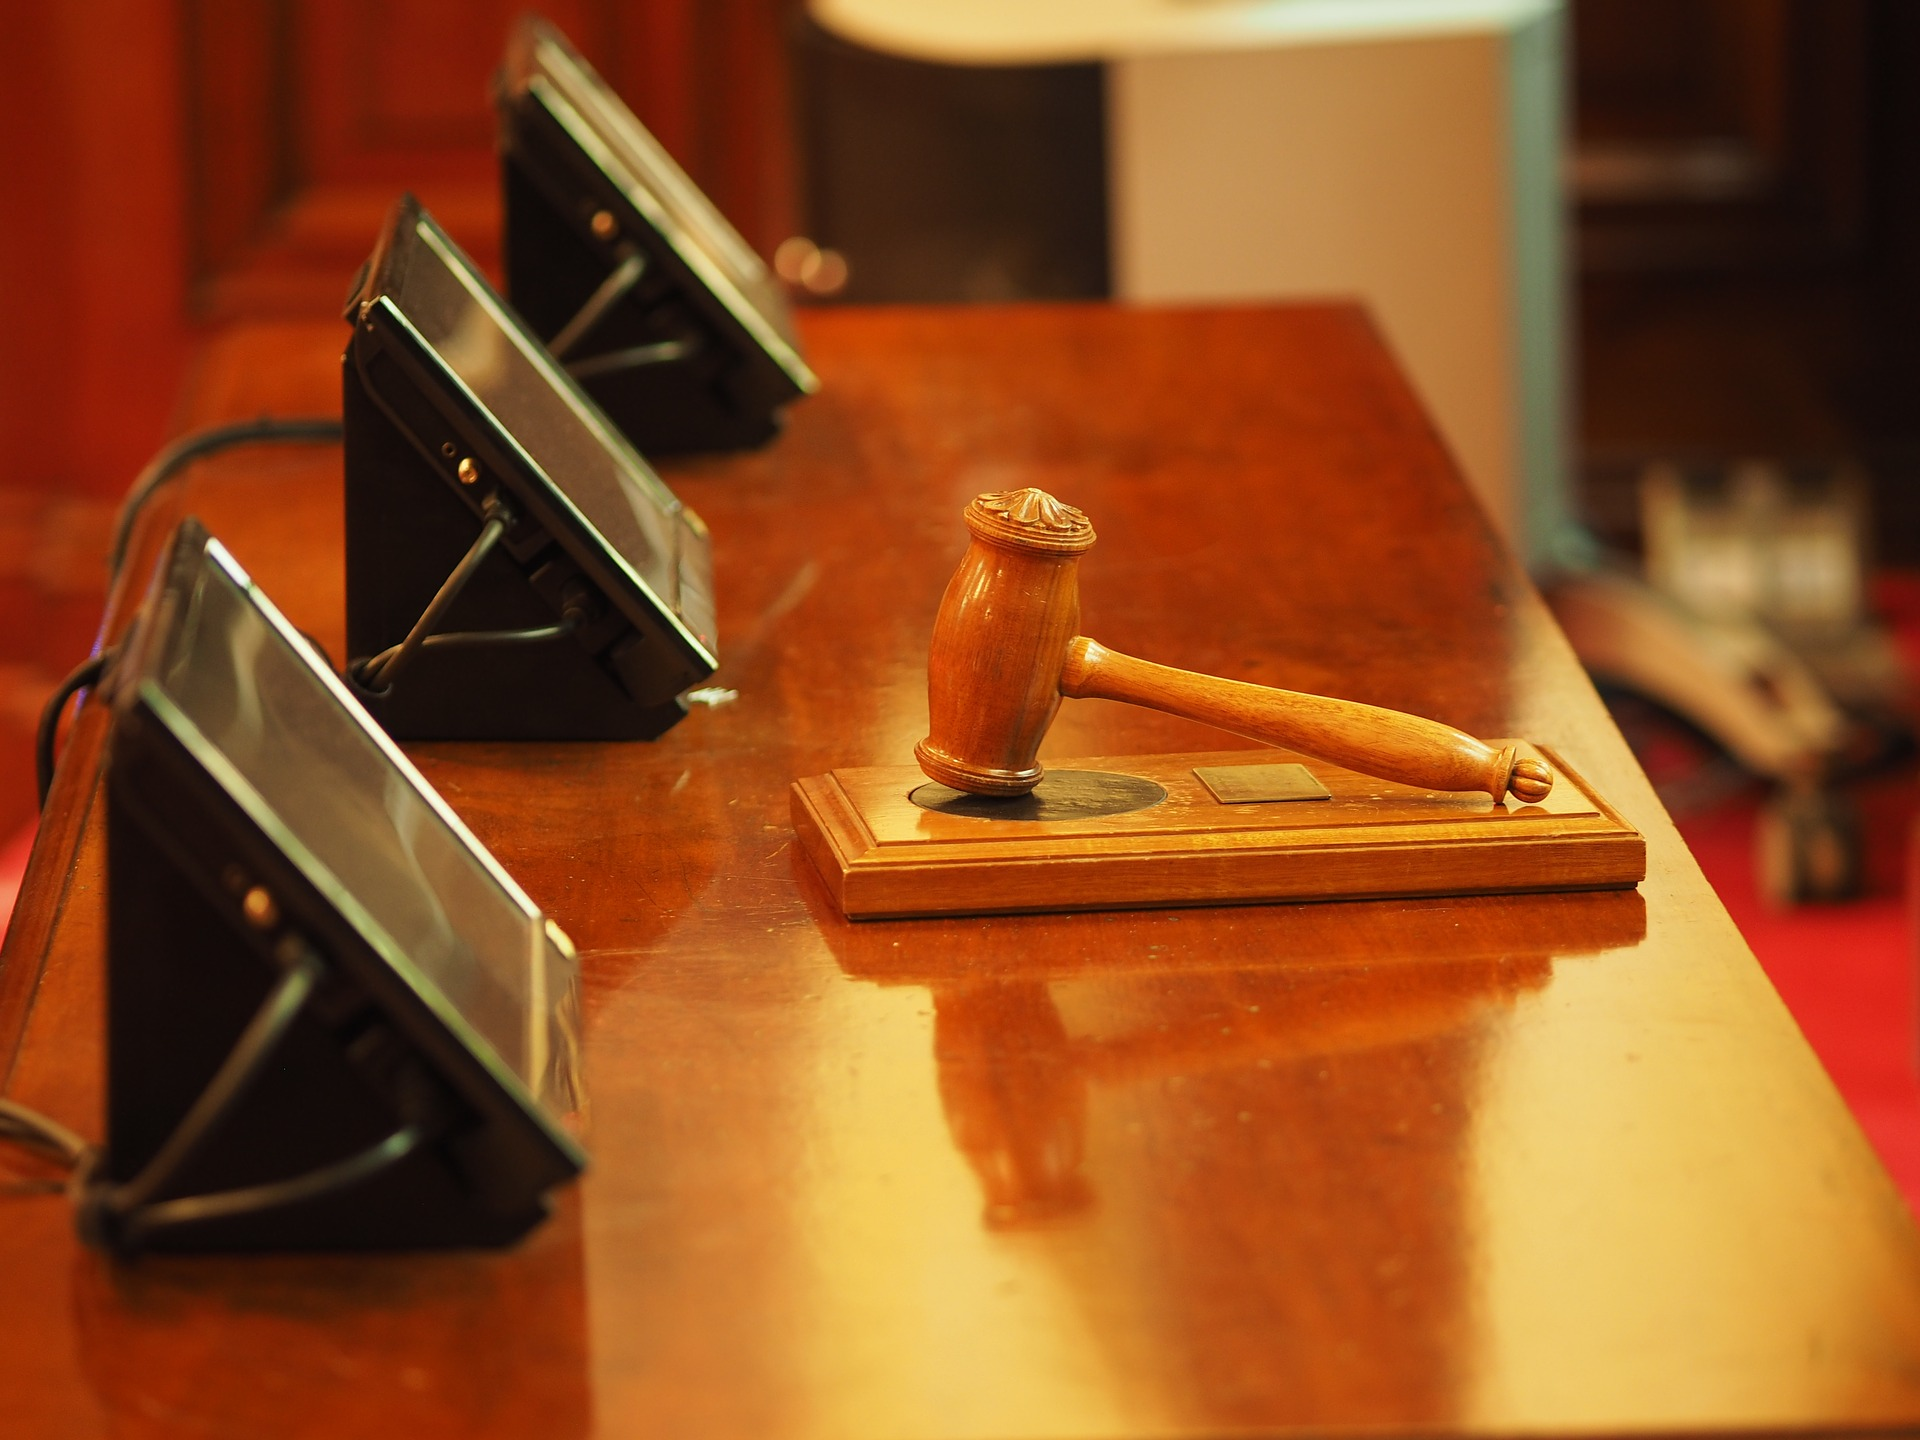 """תביעה משפטית יכולה להגיע לכל אחד: כך תזכו לעו""""ד צמוד"""